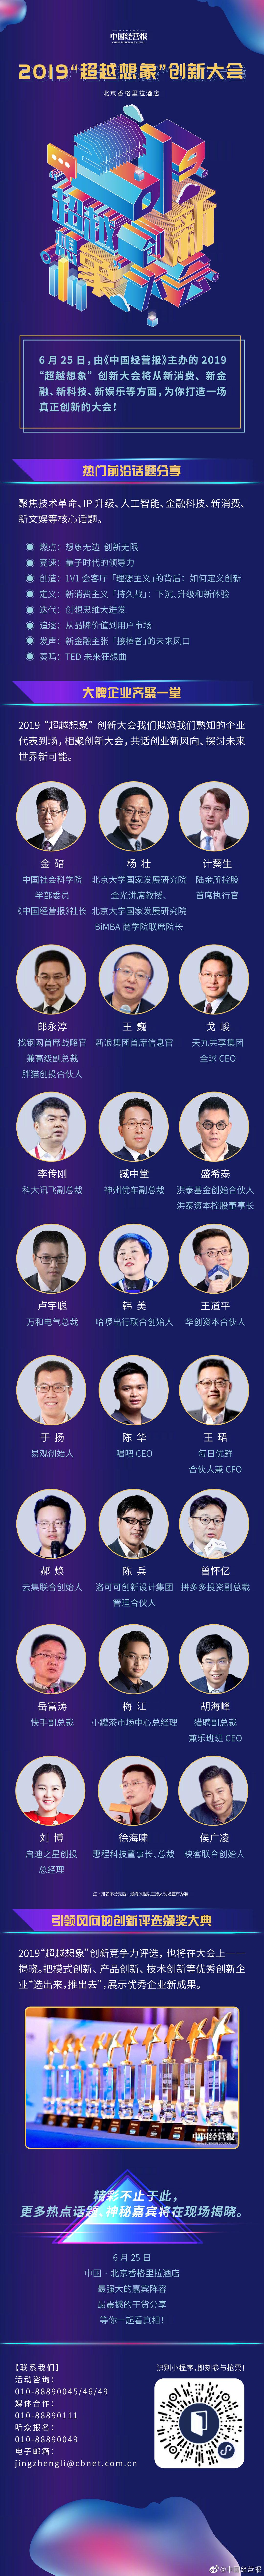 """6月25日,由《中国经营报》社举办的2019""""超越想象""""创新大会"""